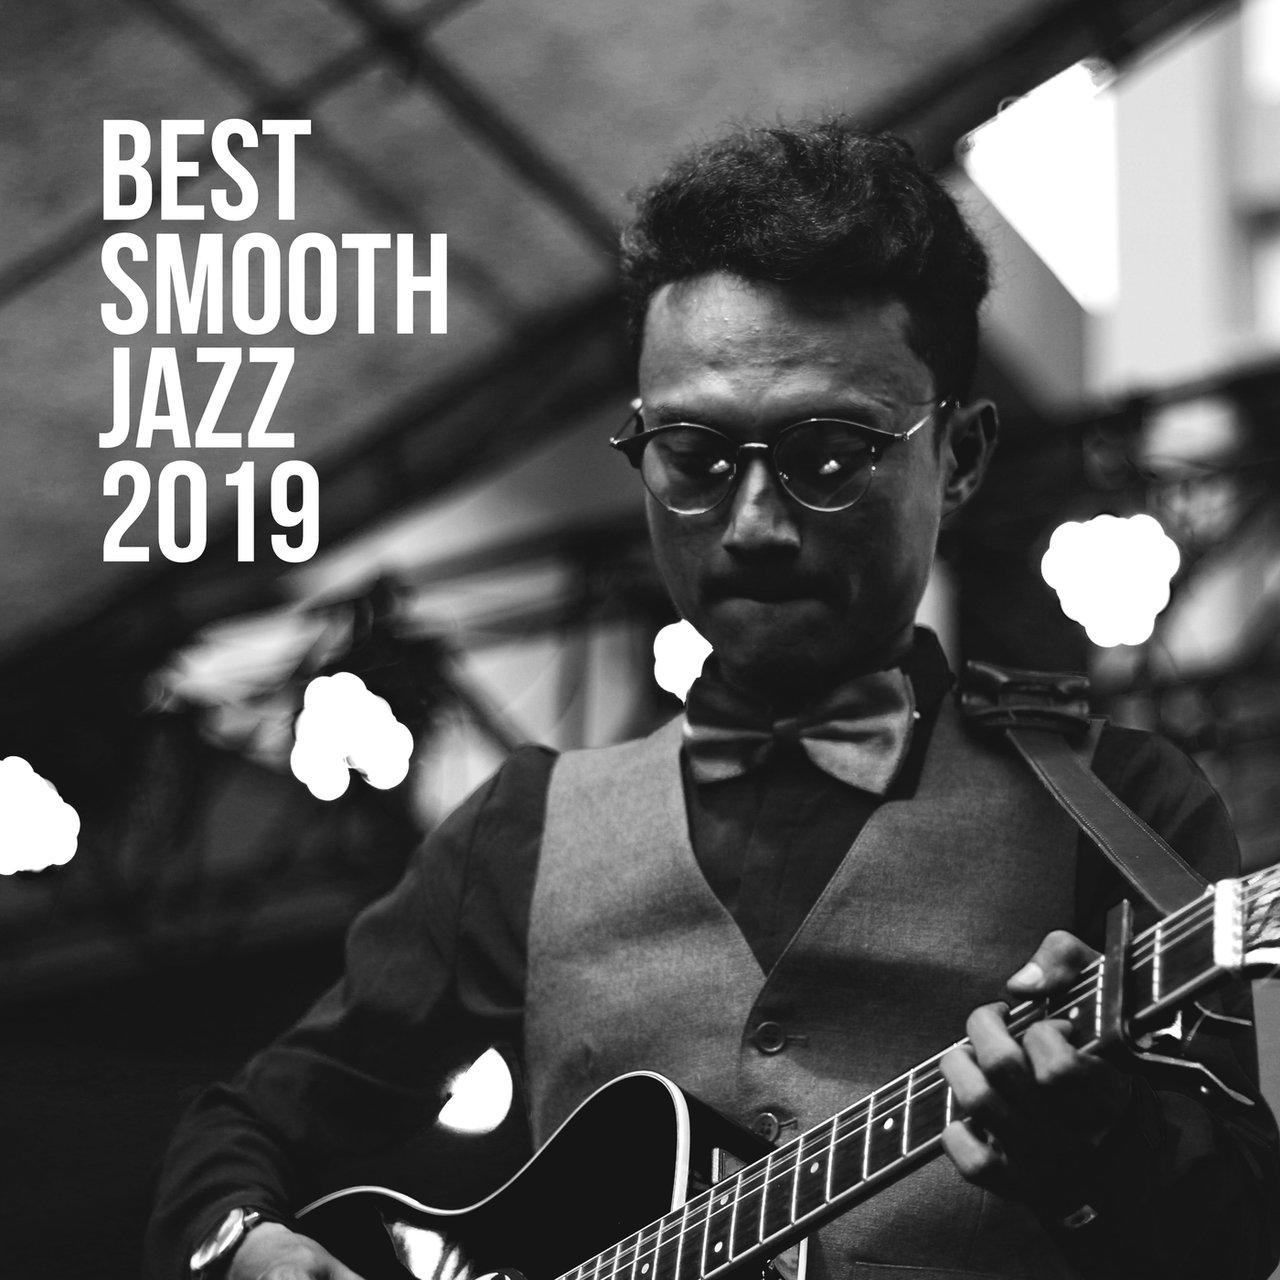 Best Smooth Jazz 2019 – Mellow Jazz Music, Deep Relax